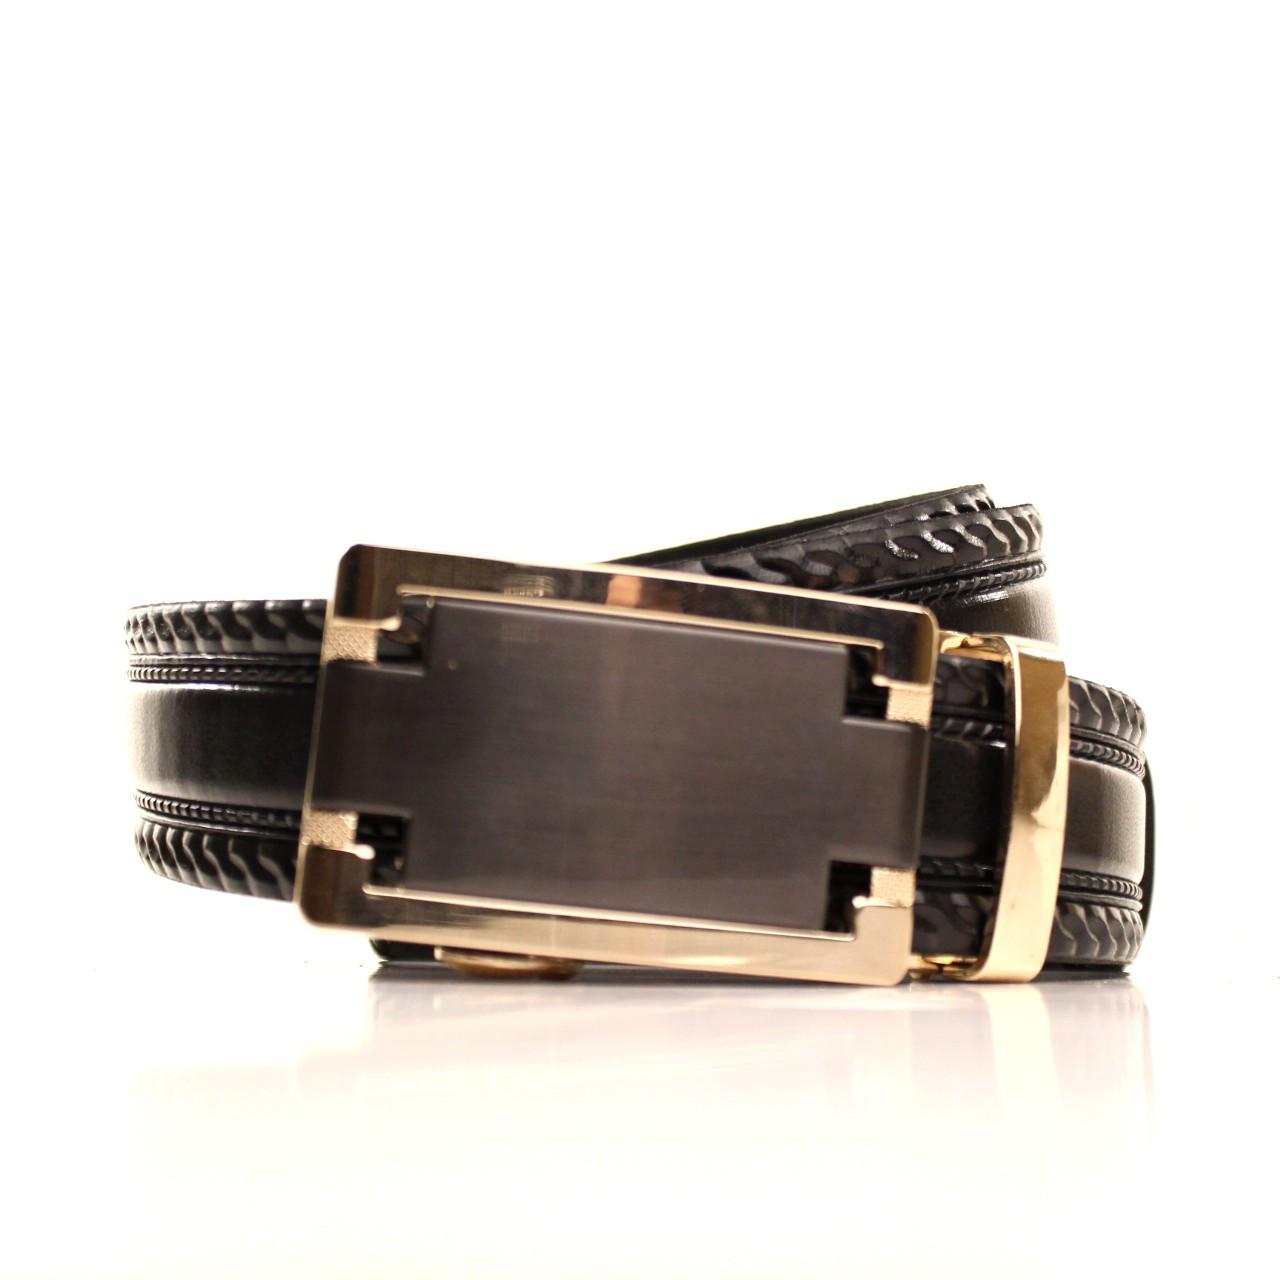 Ремень кожаный Lazar 120-125 см черный l35u1a157